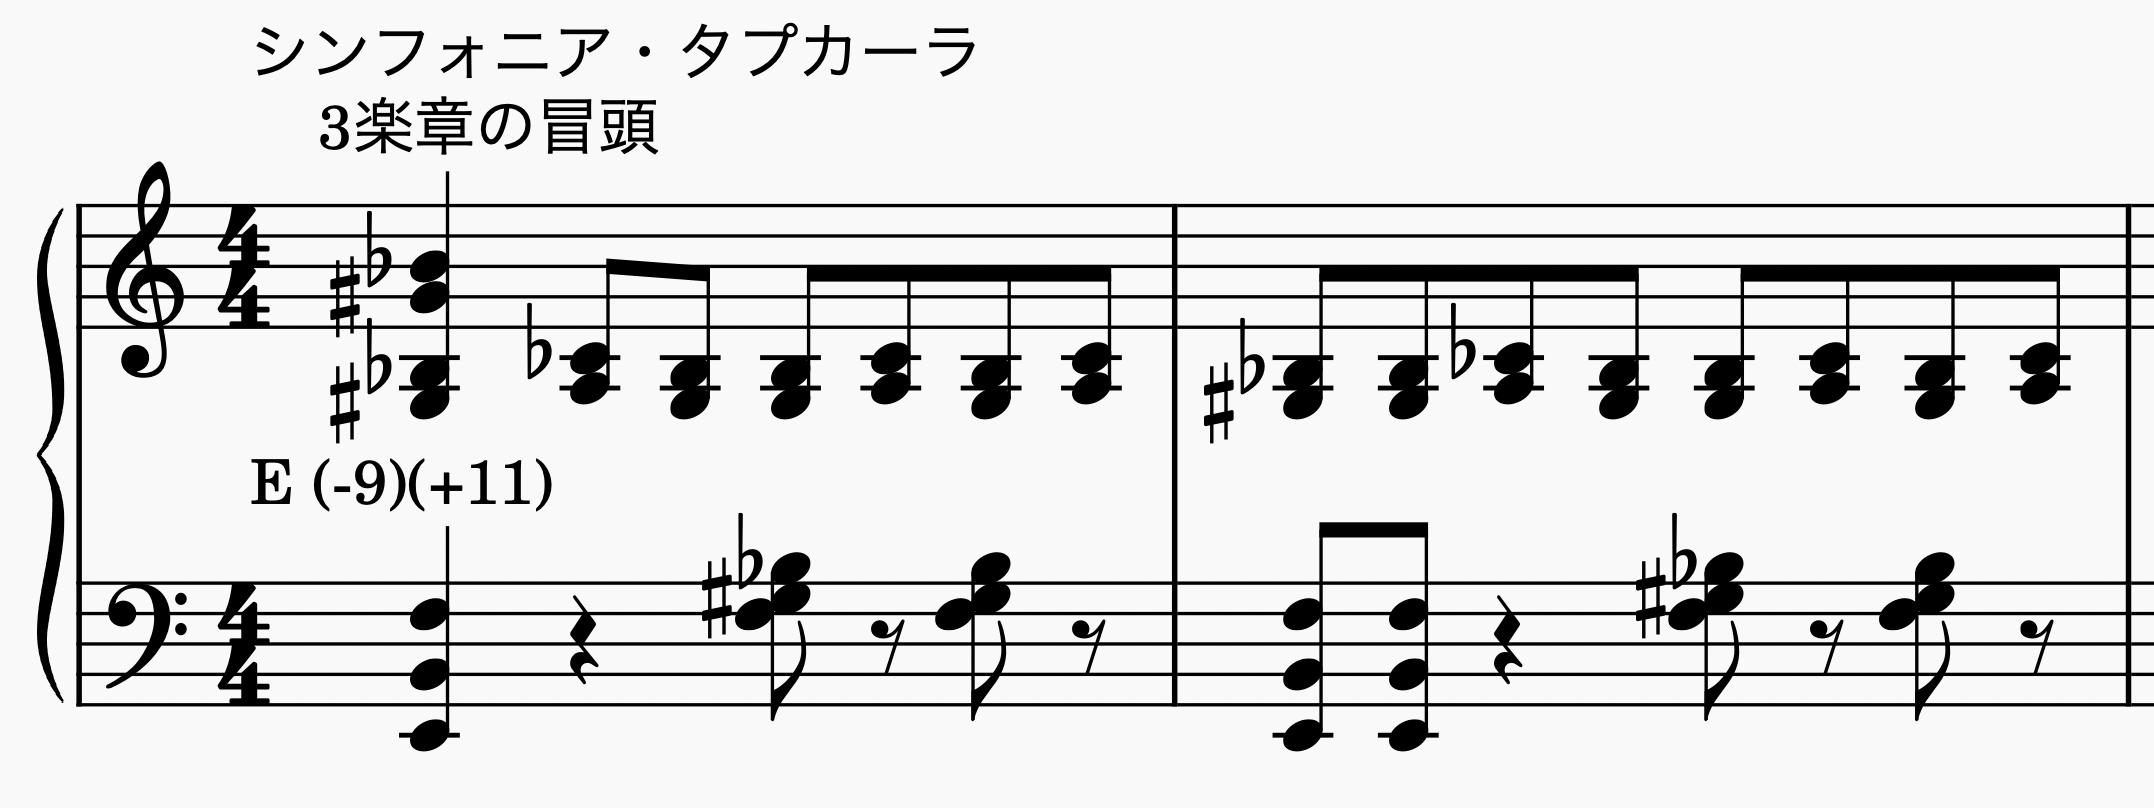 シンフォニア・タプカーラ 3楽章の冒頭